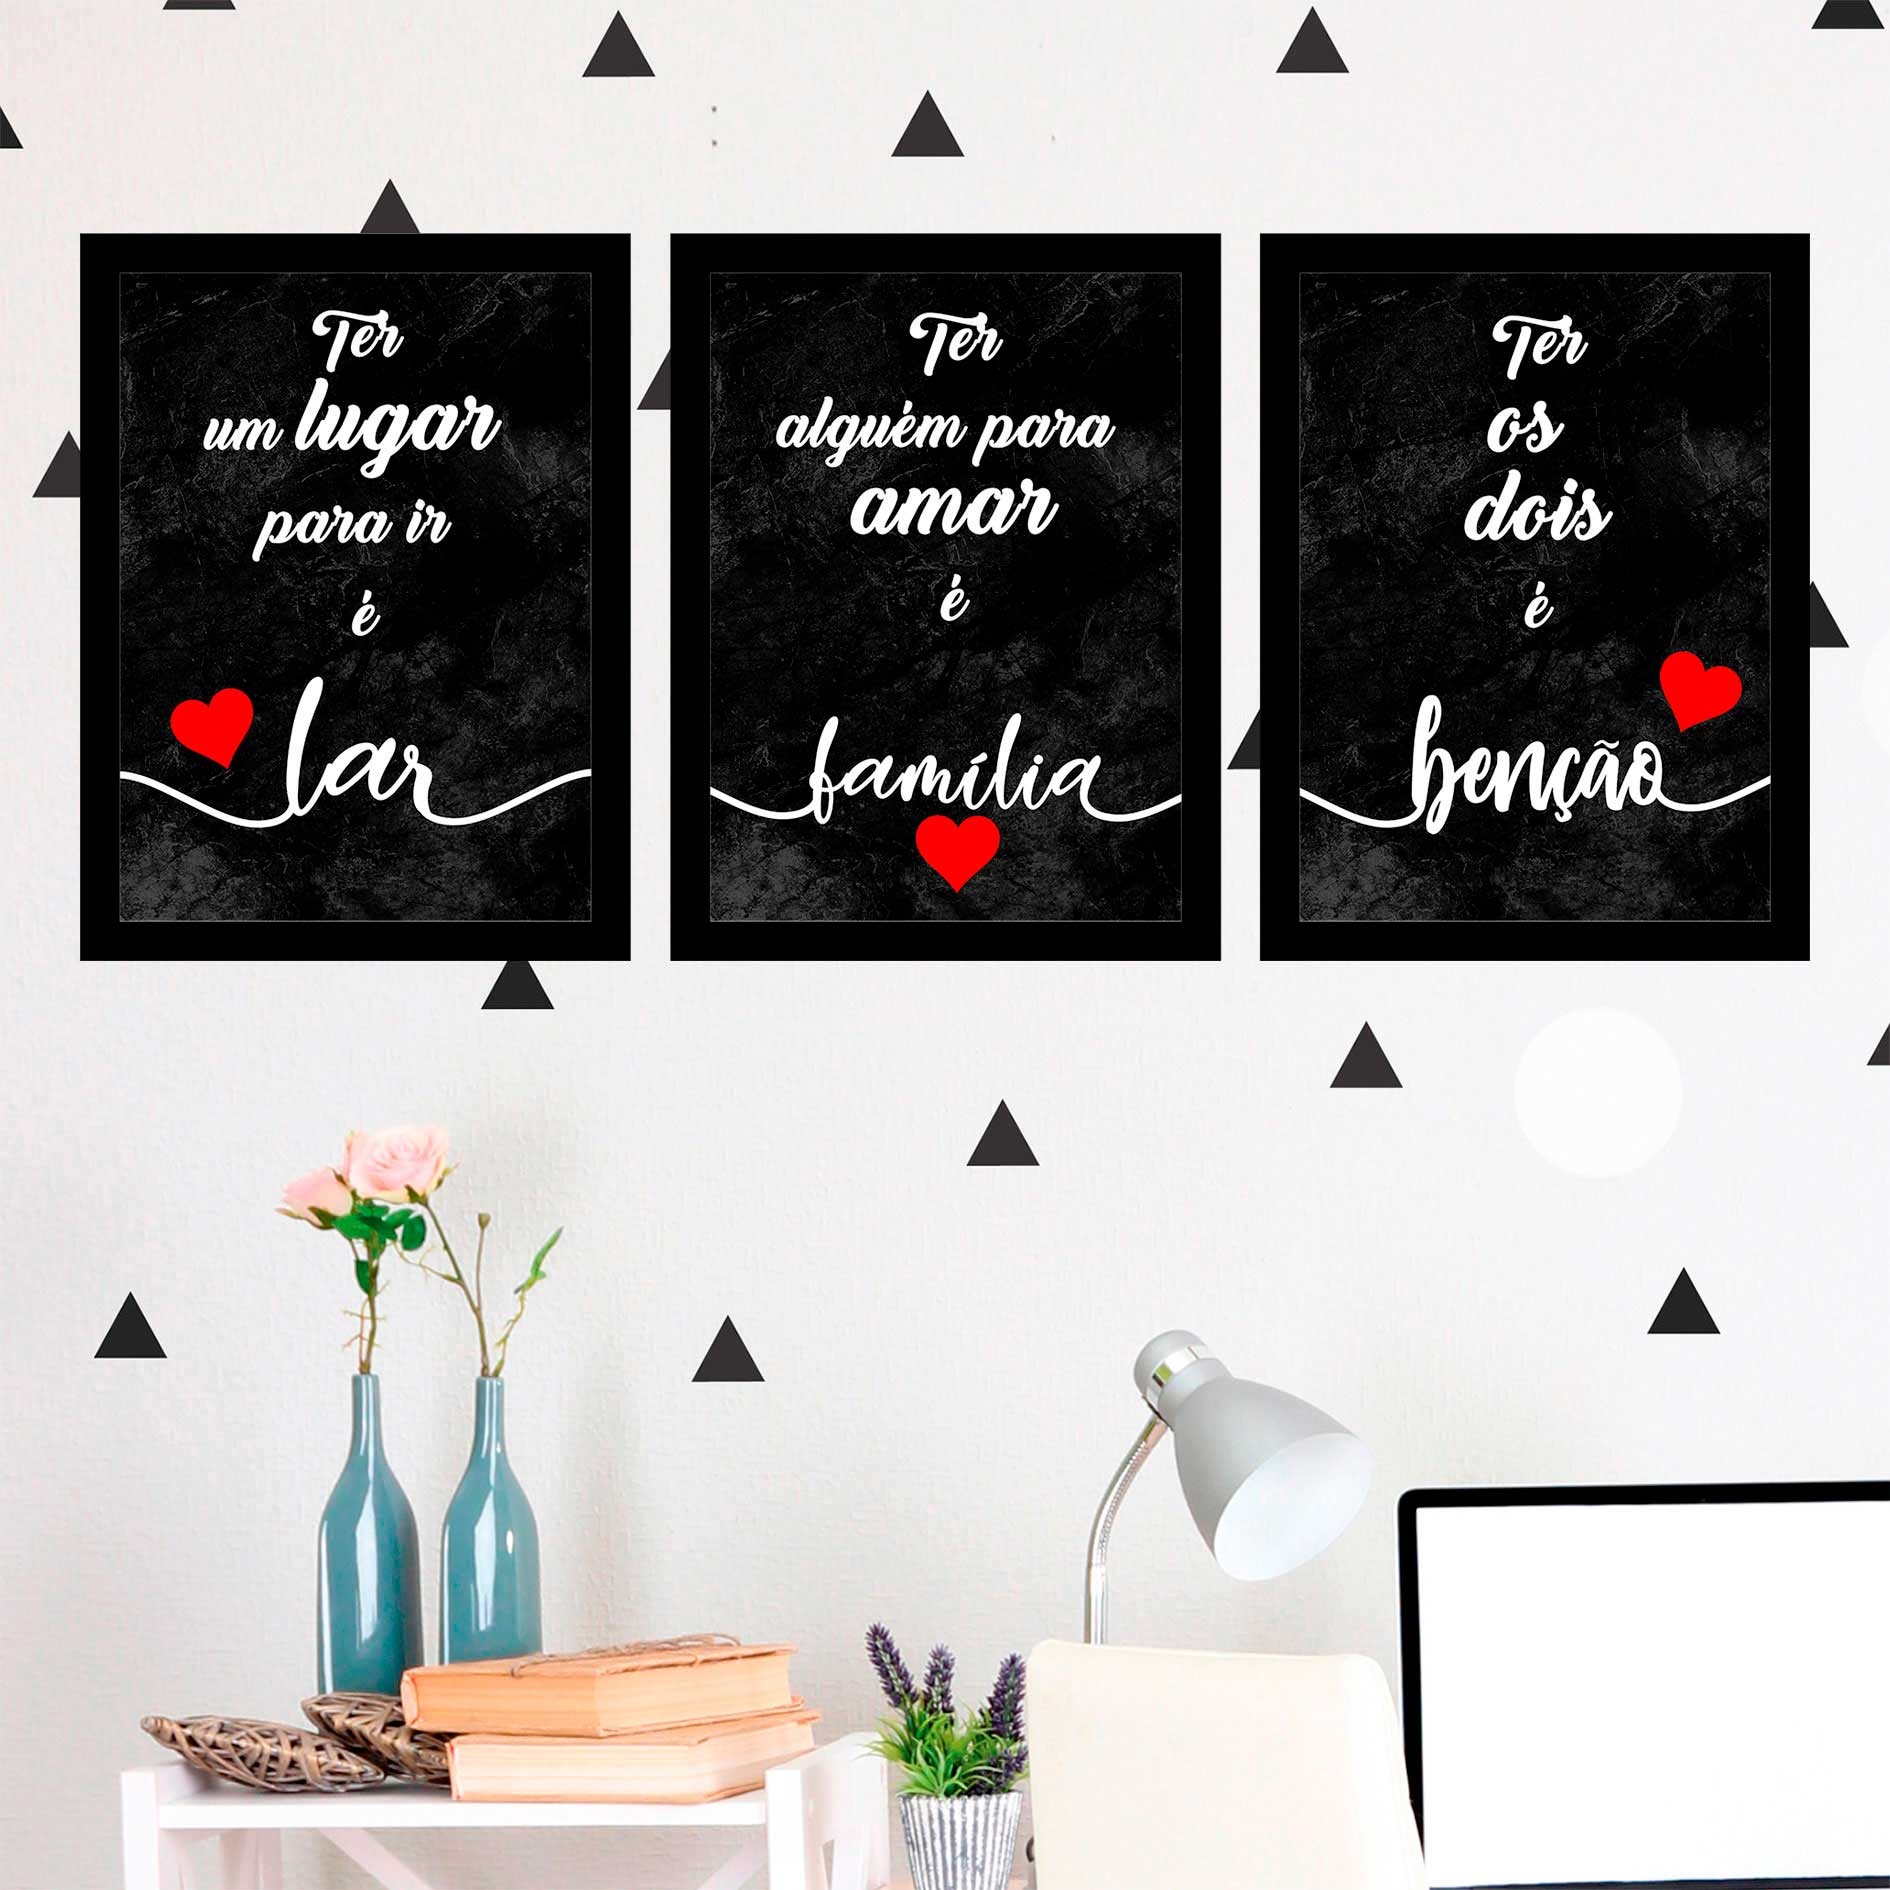 Kit 3 Quadros Decorativos Lar/ Família/ Benção Fundo Preto